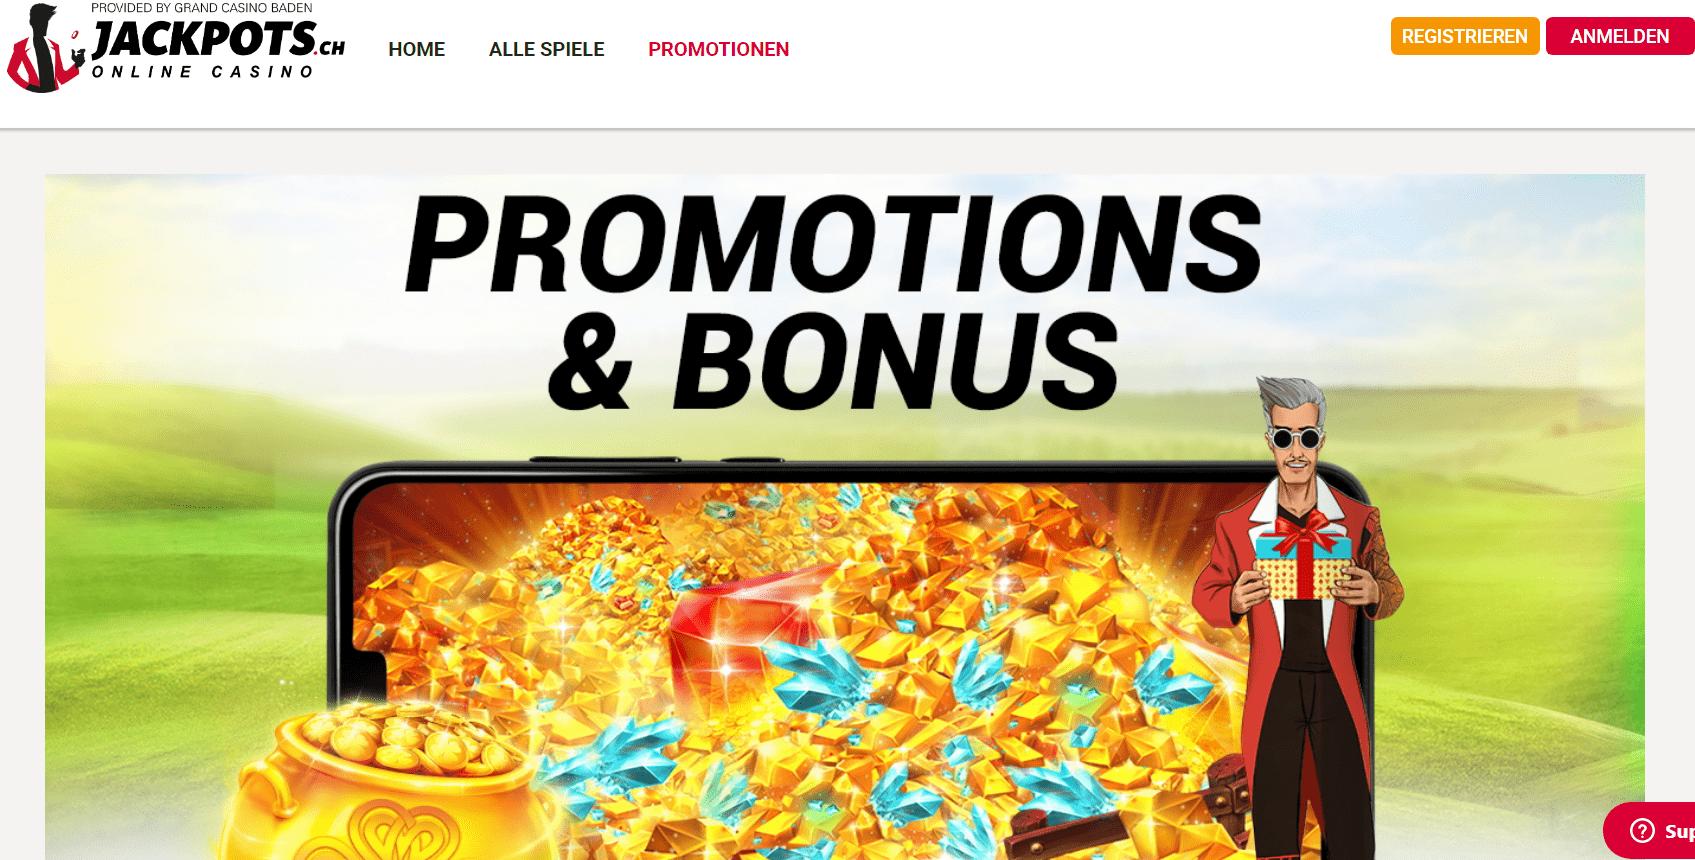 Jackpots ch bonus